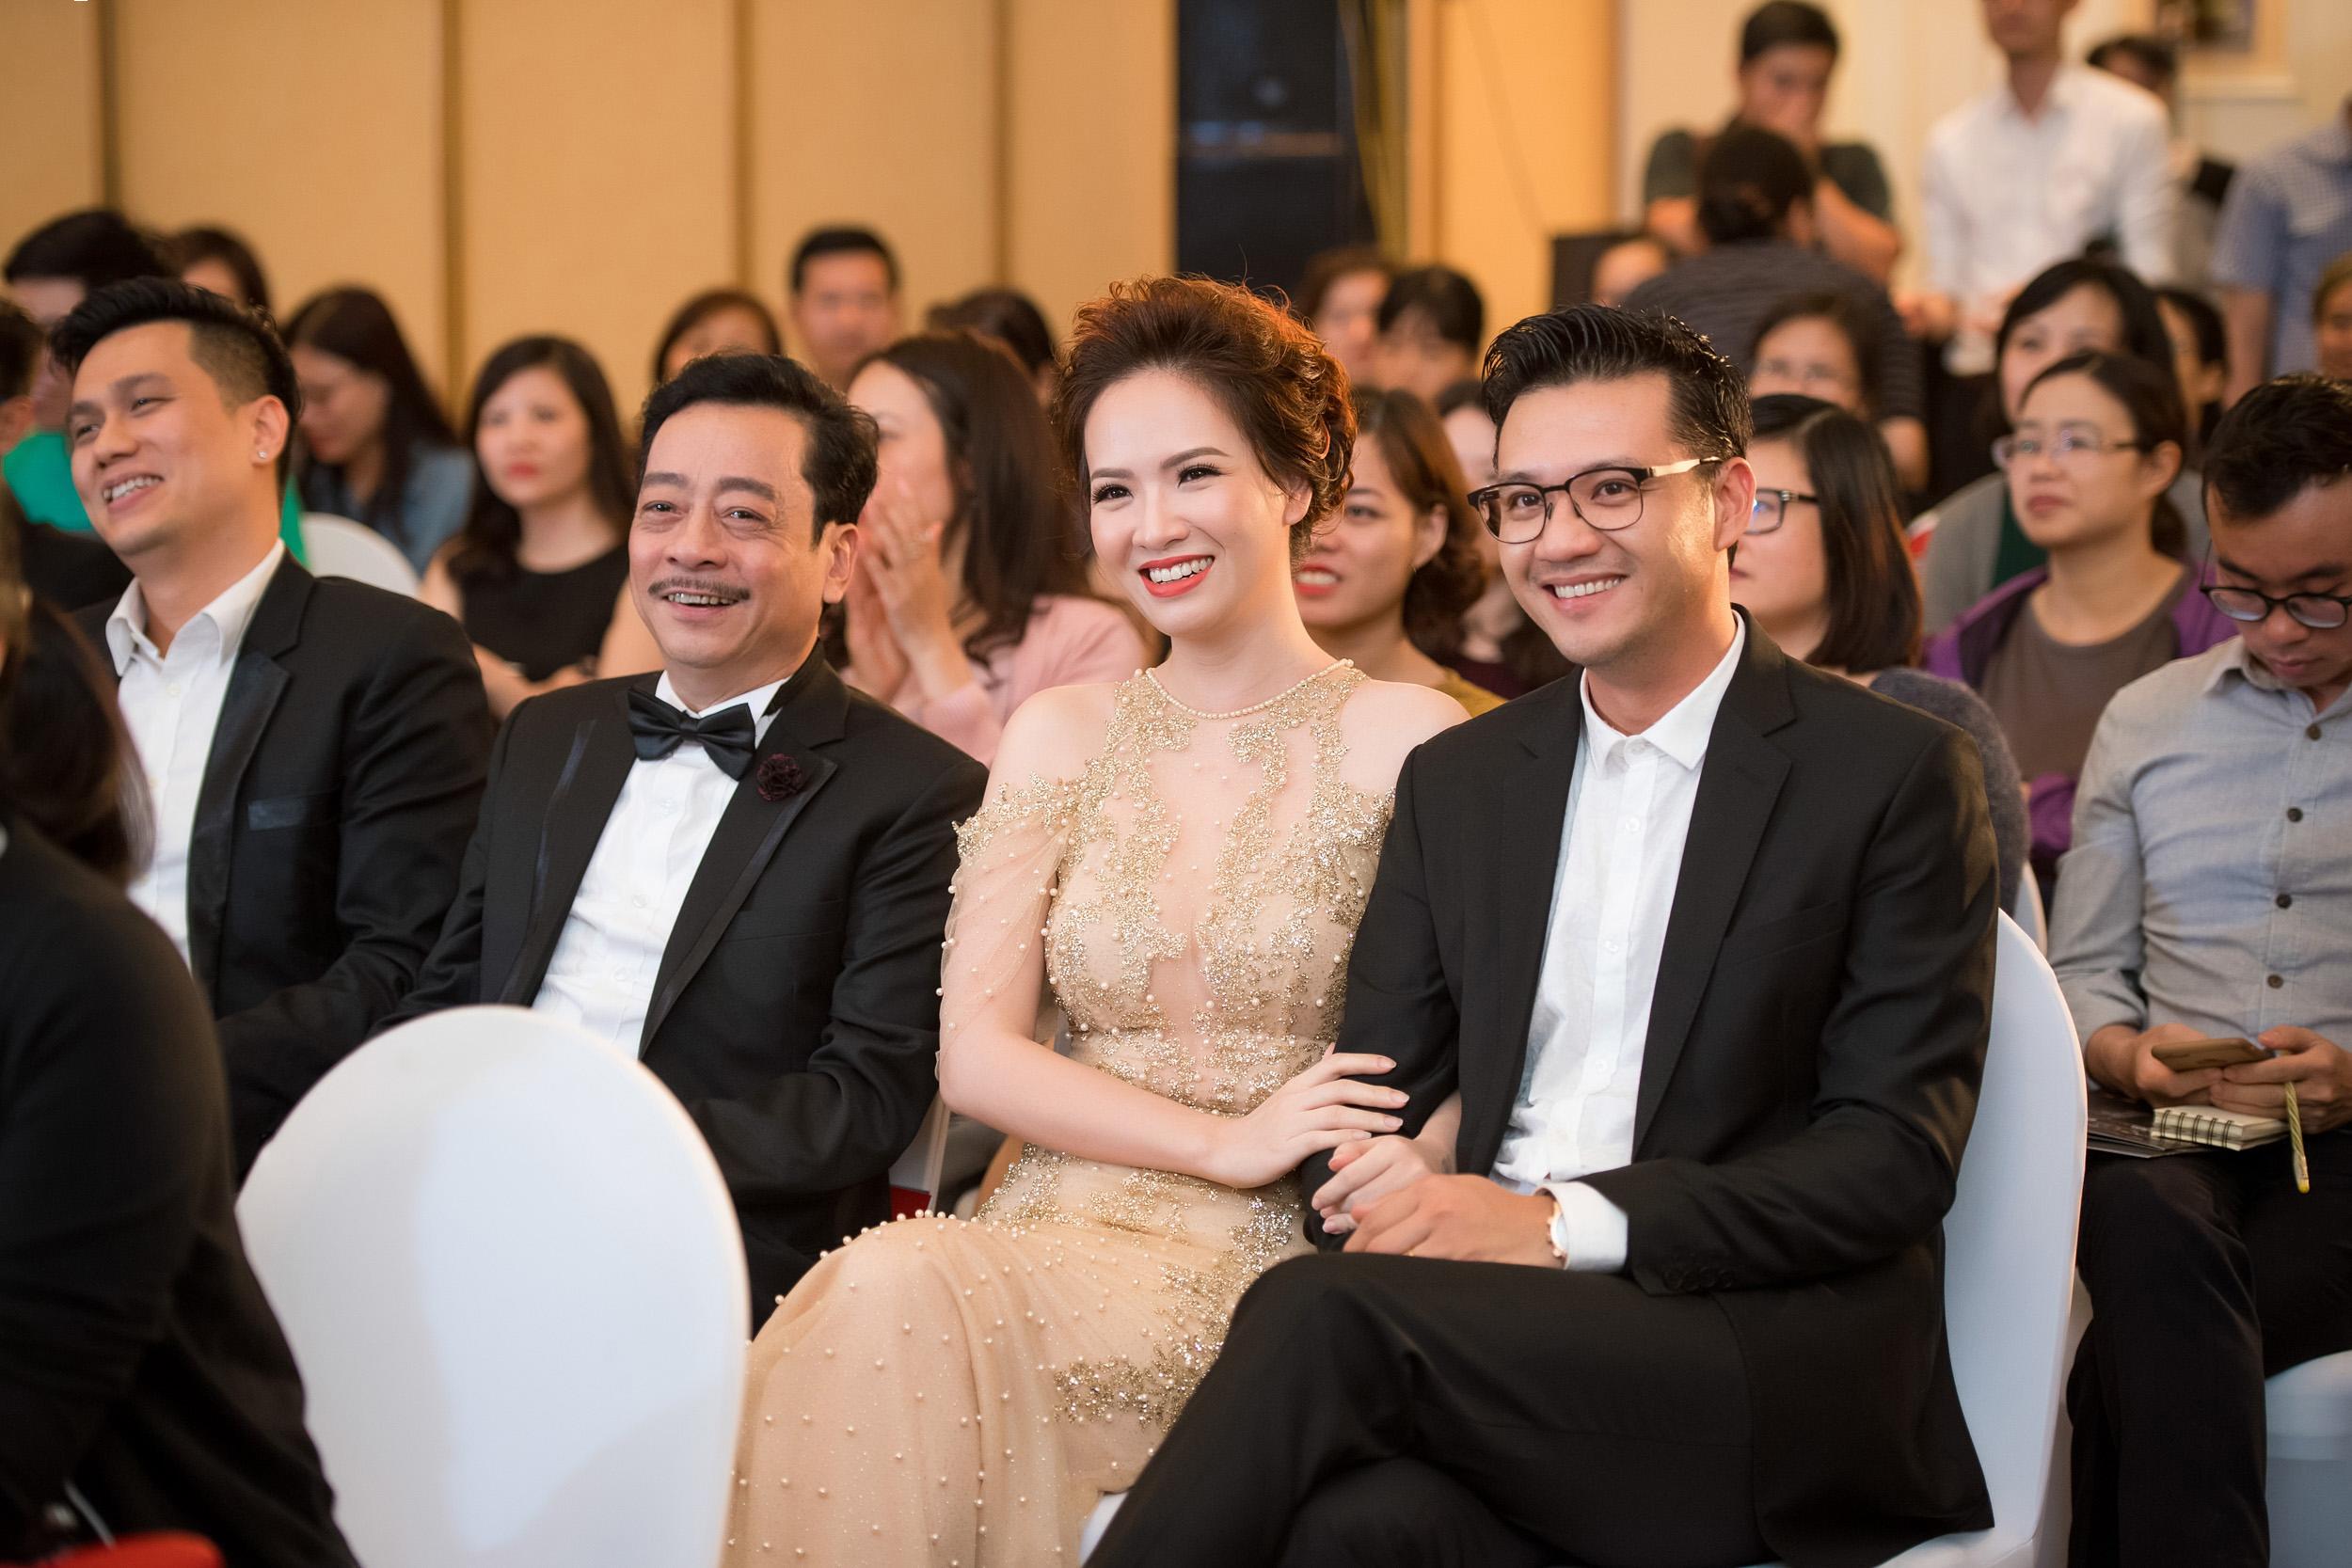 Giải trí - Đan Lê quấn quýt bên chồng trong buổi ra mắt phim